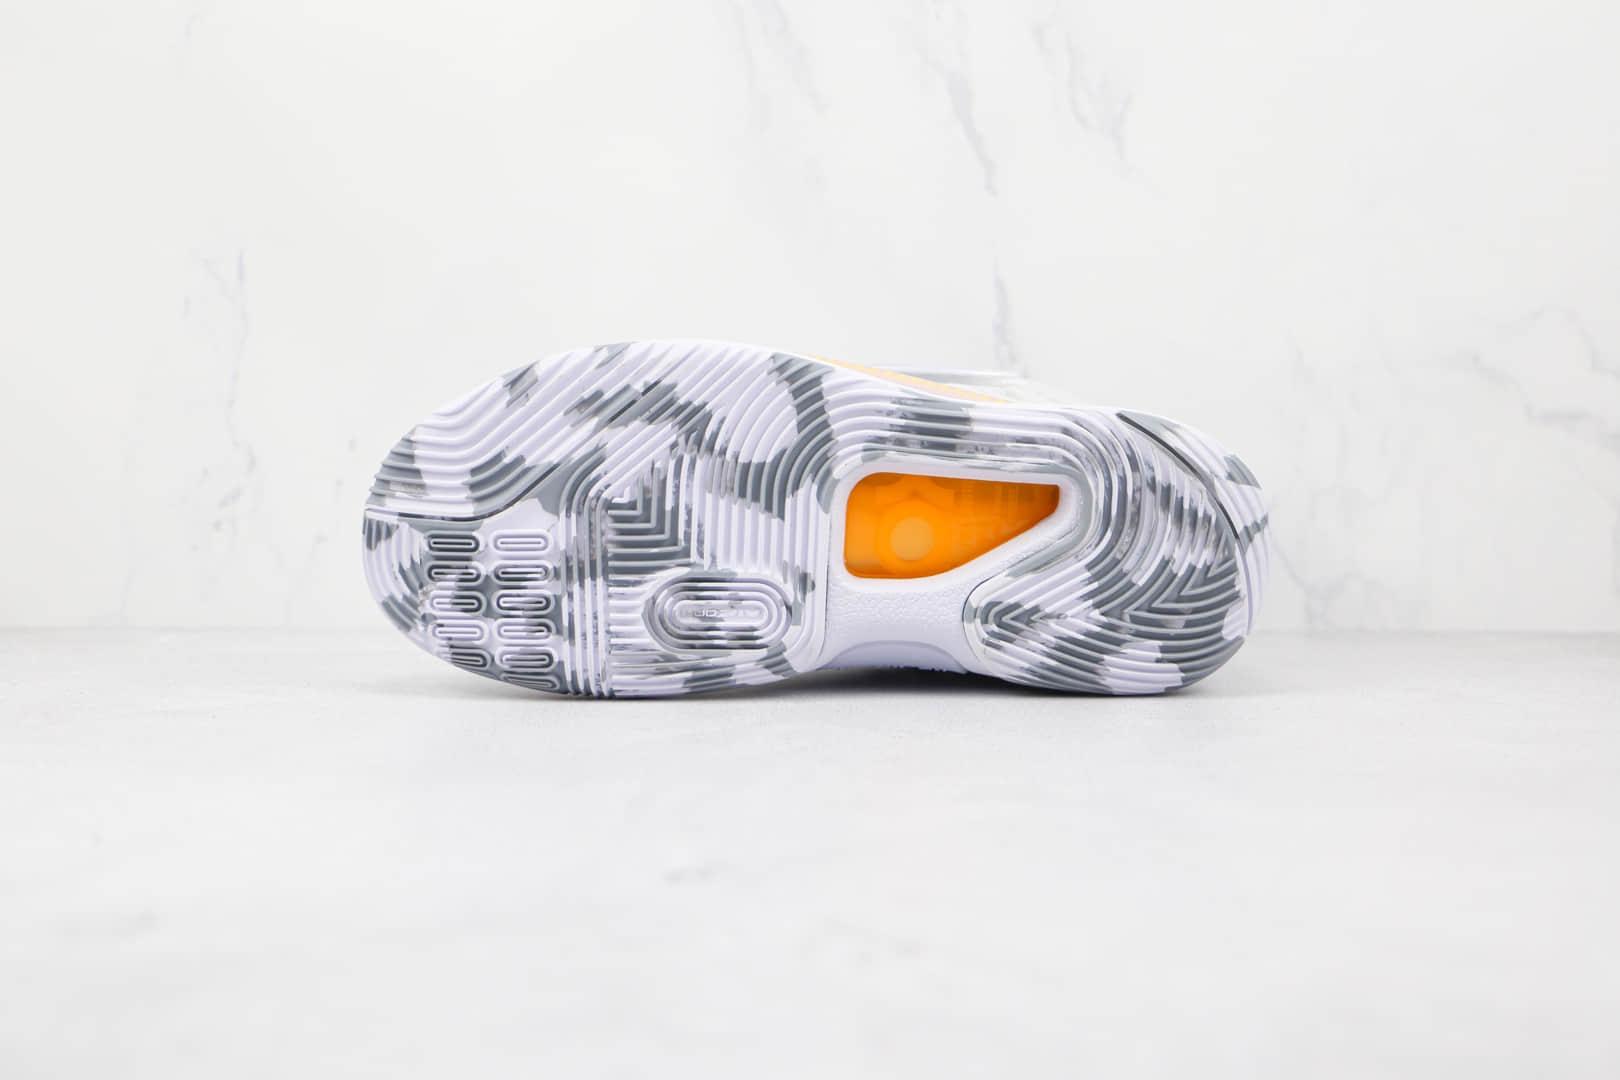 耐克Nike Zoom KD 14纯原版本杜兰特14代白灰色篮球鞋原楦头纸板打造支持实战 货号:CZ0170-100